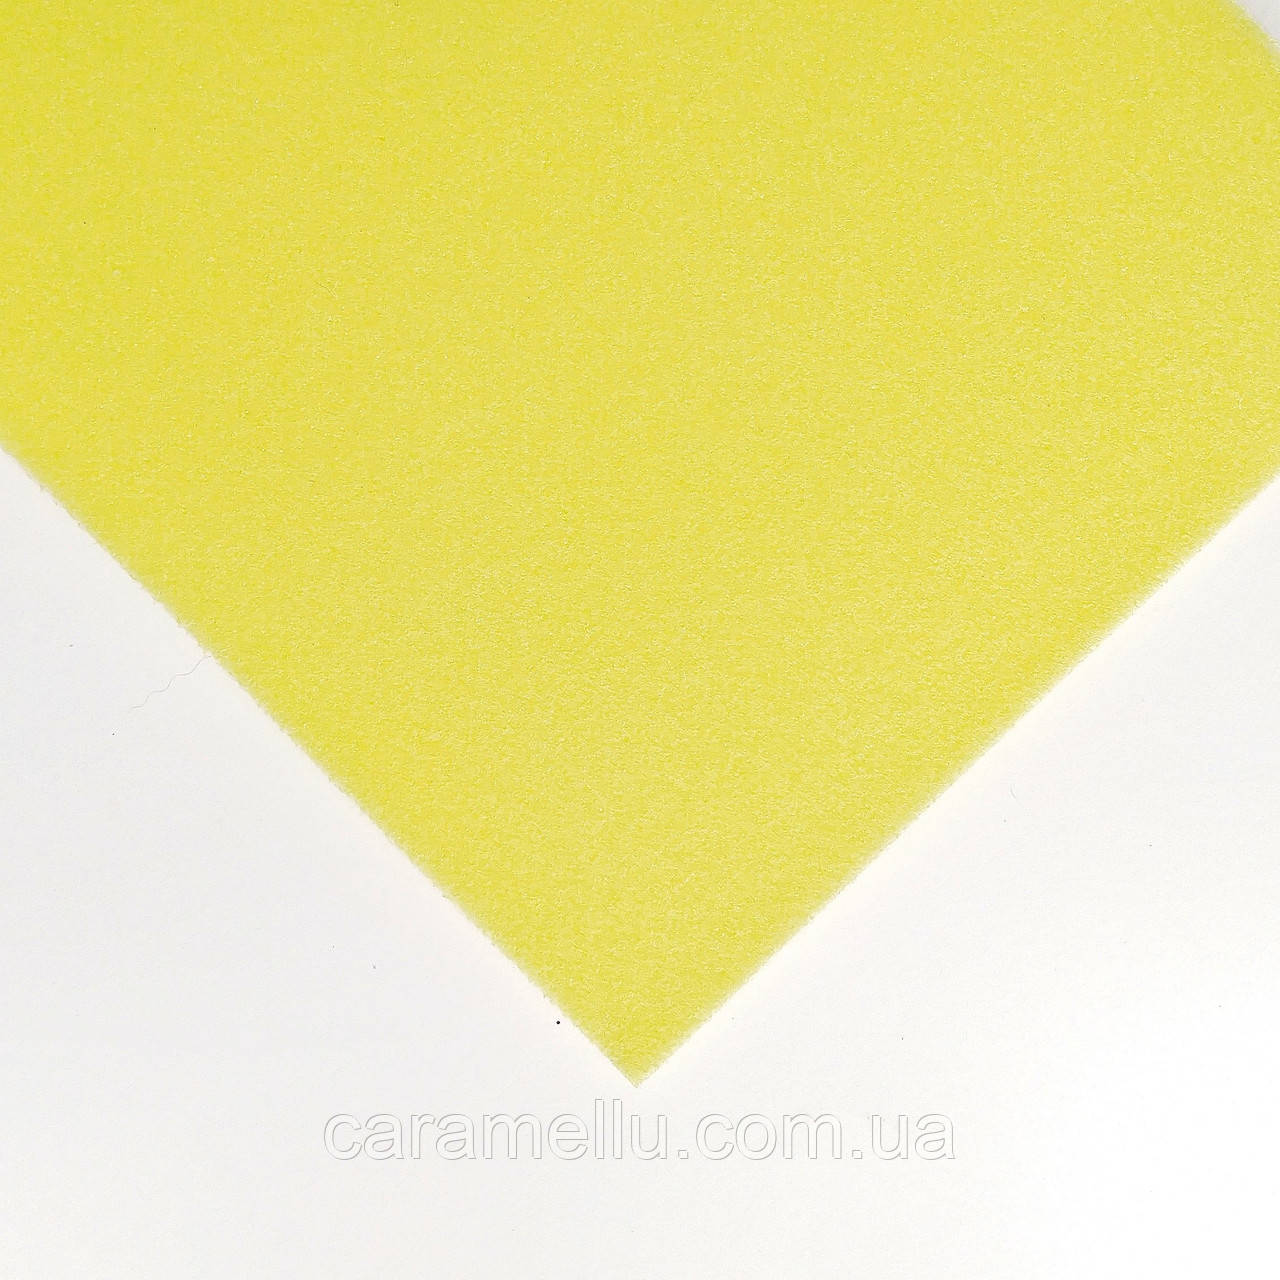 Ізолон 2мм. 20*30 див. Лимонний